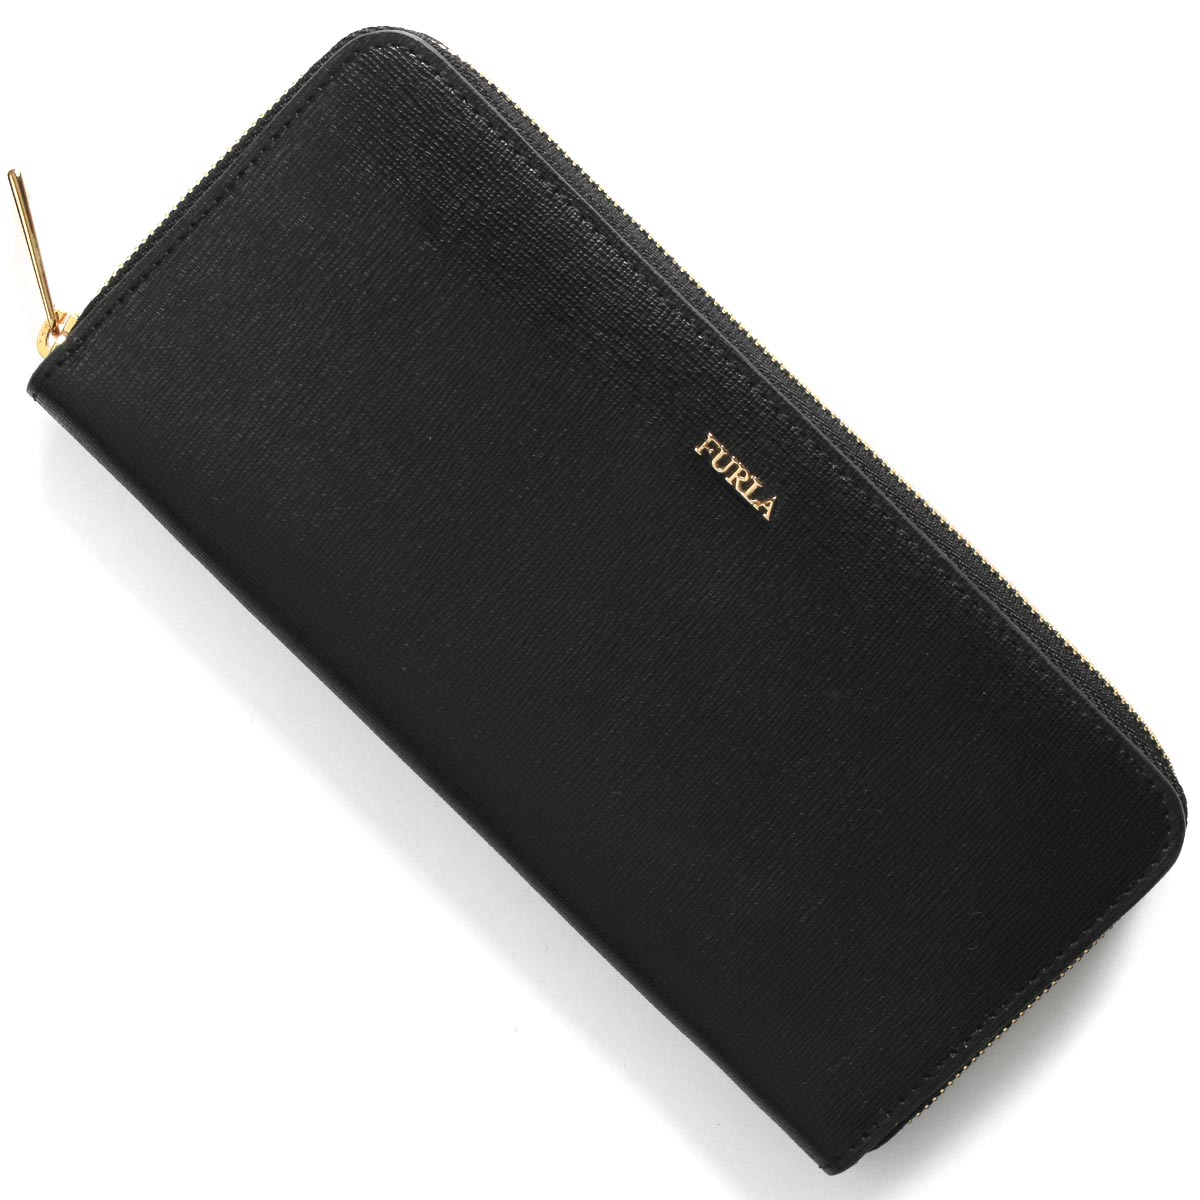 フルラ 長財布 財布 レディース バビロン エクストラ ラージ ブラック PBC2 B30 O60 1006869 FURLA